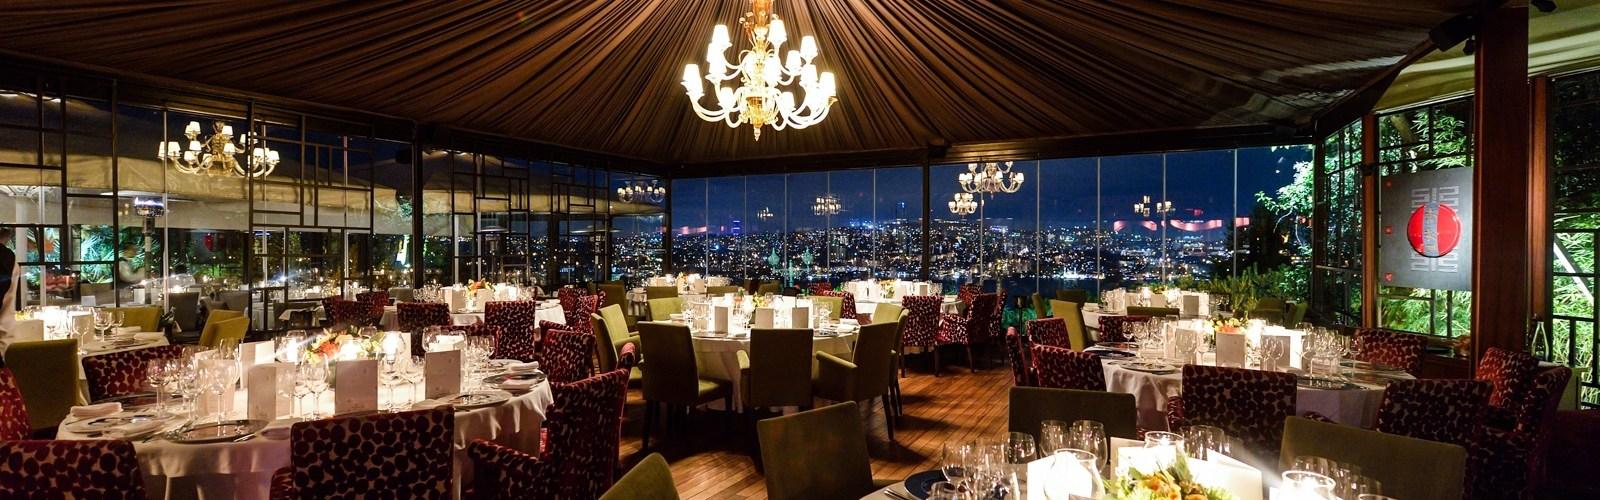 نتيجة بحث الصور عن المطاعم التركية في إسطنبول